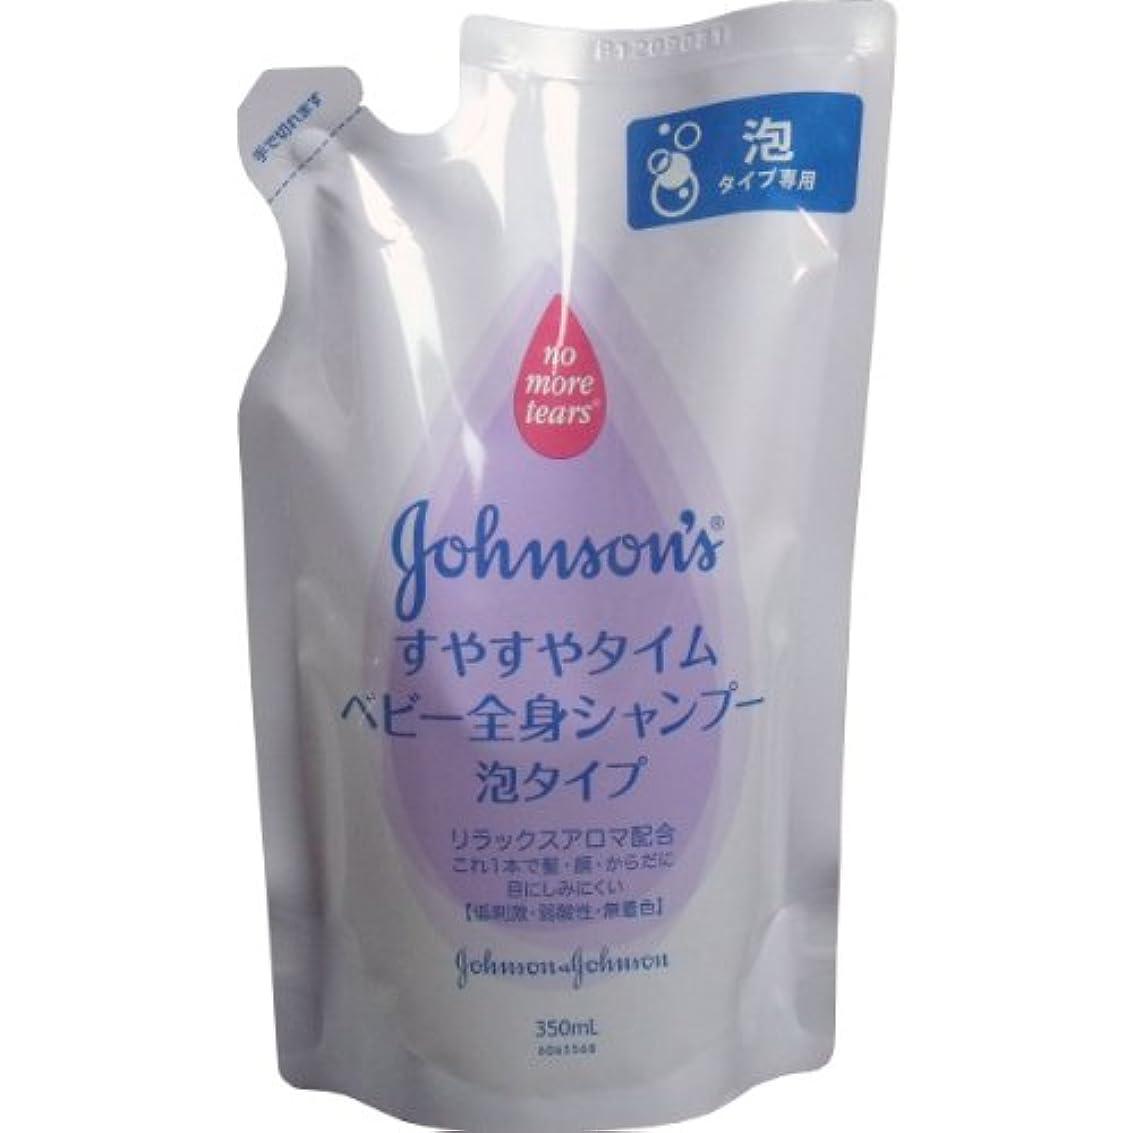 ジョンソンベビー すやすやタイム ウォッシュ 泡タイプ 詰替用 350ml